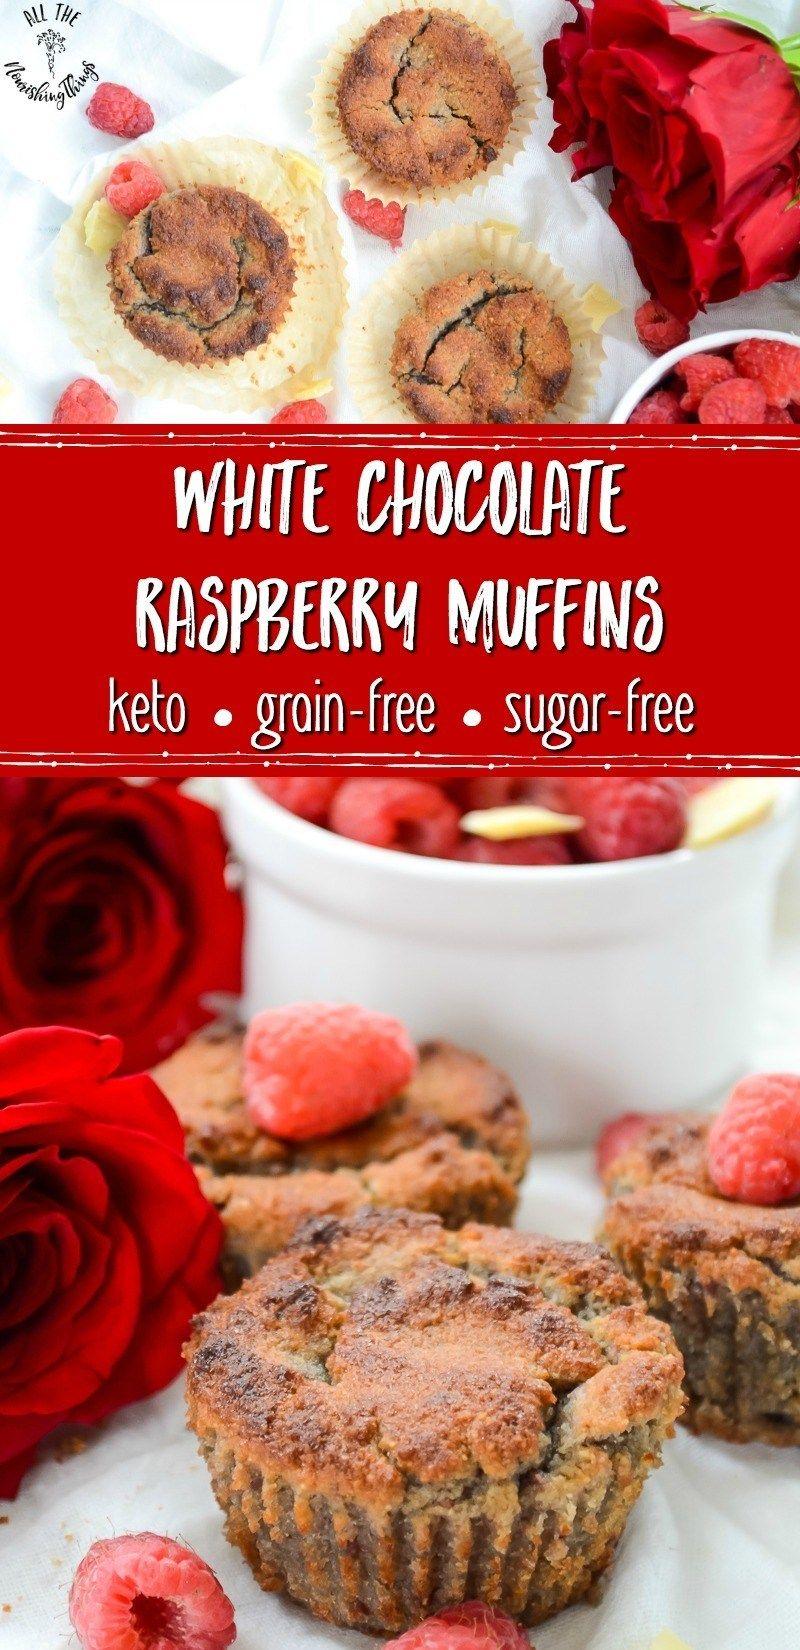 Keto White Chocolate Raspberry Muffins Recipe Raspberry